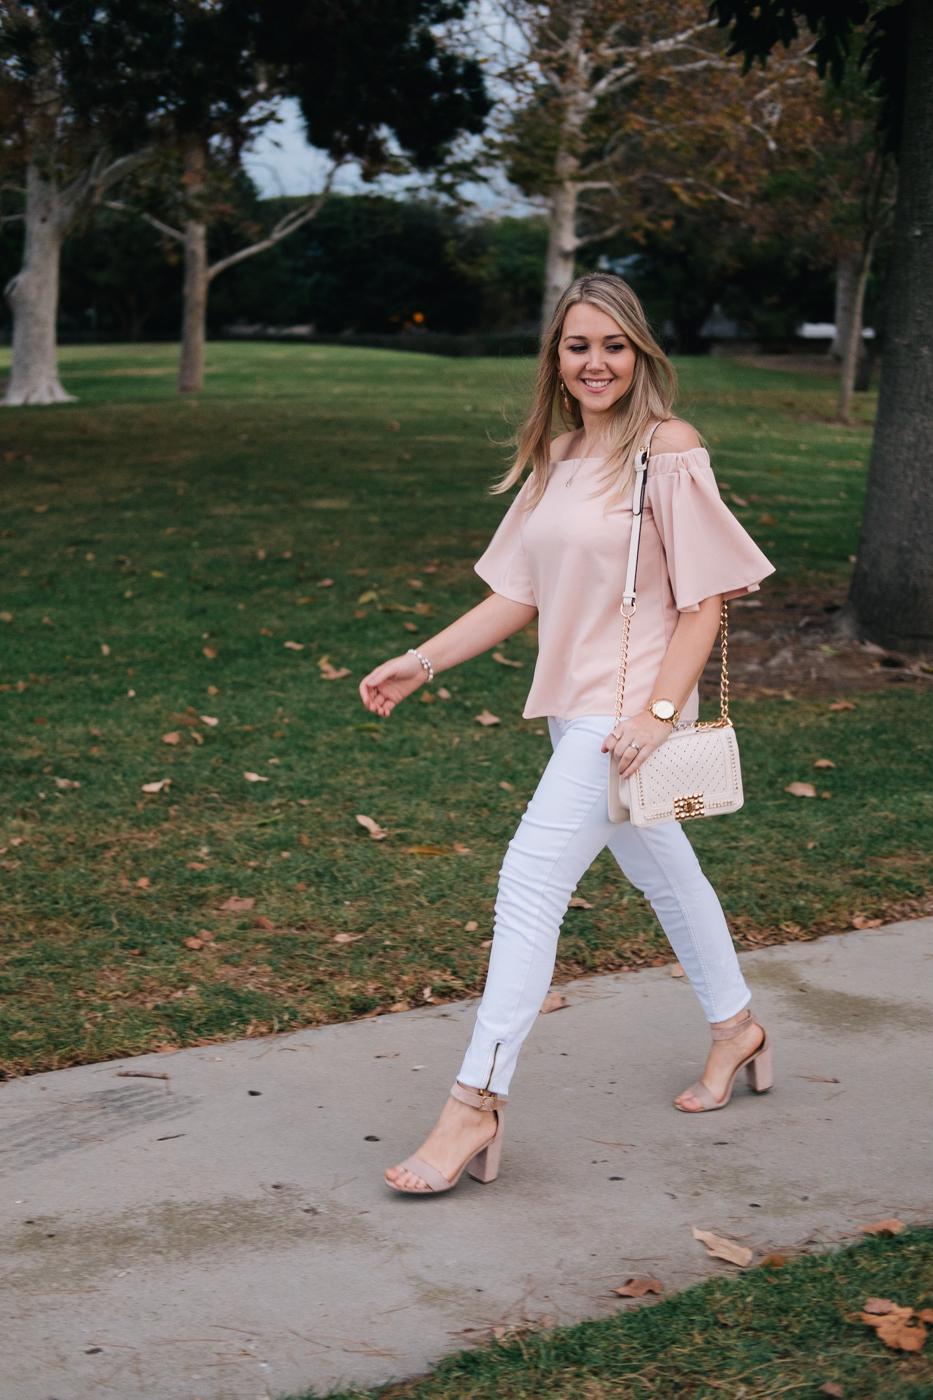 Debora Dahl walking with off the shoulder top